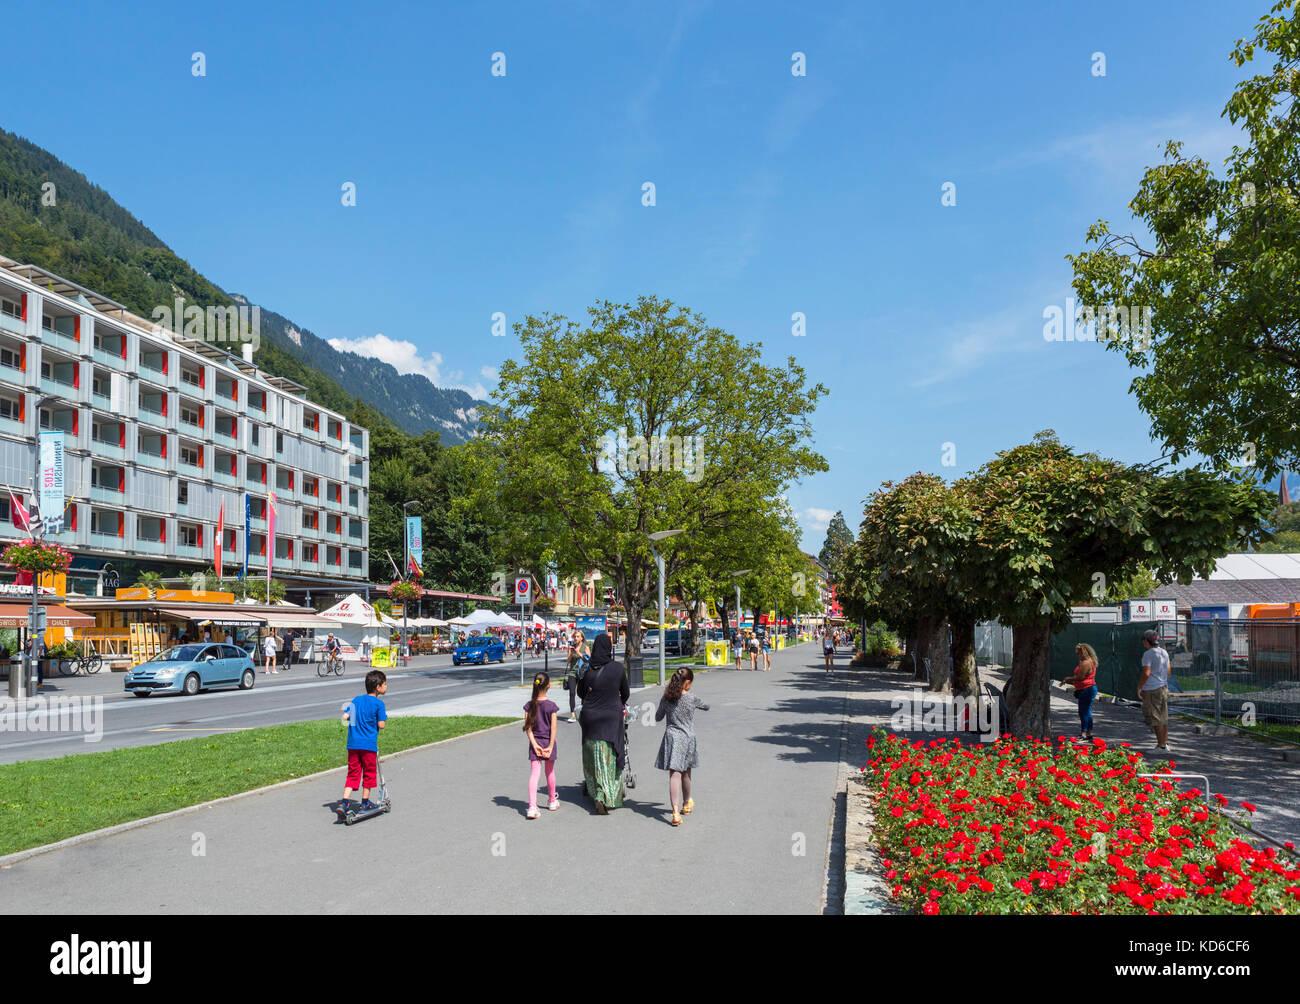 Höheweg, la strada principale di Interlaken, Svizzera Immagini Stock